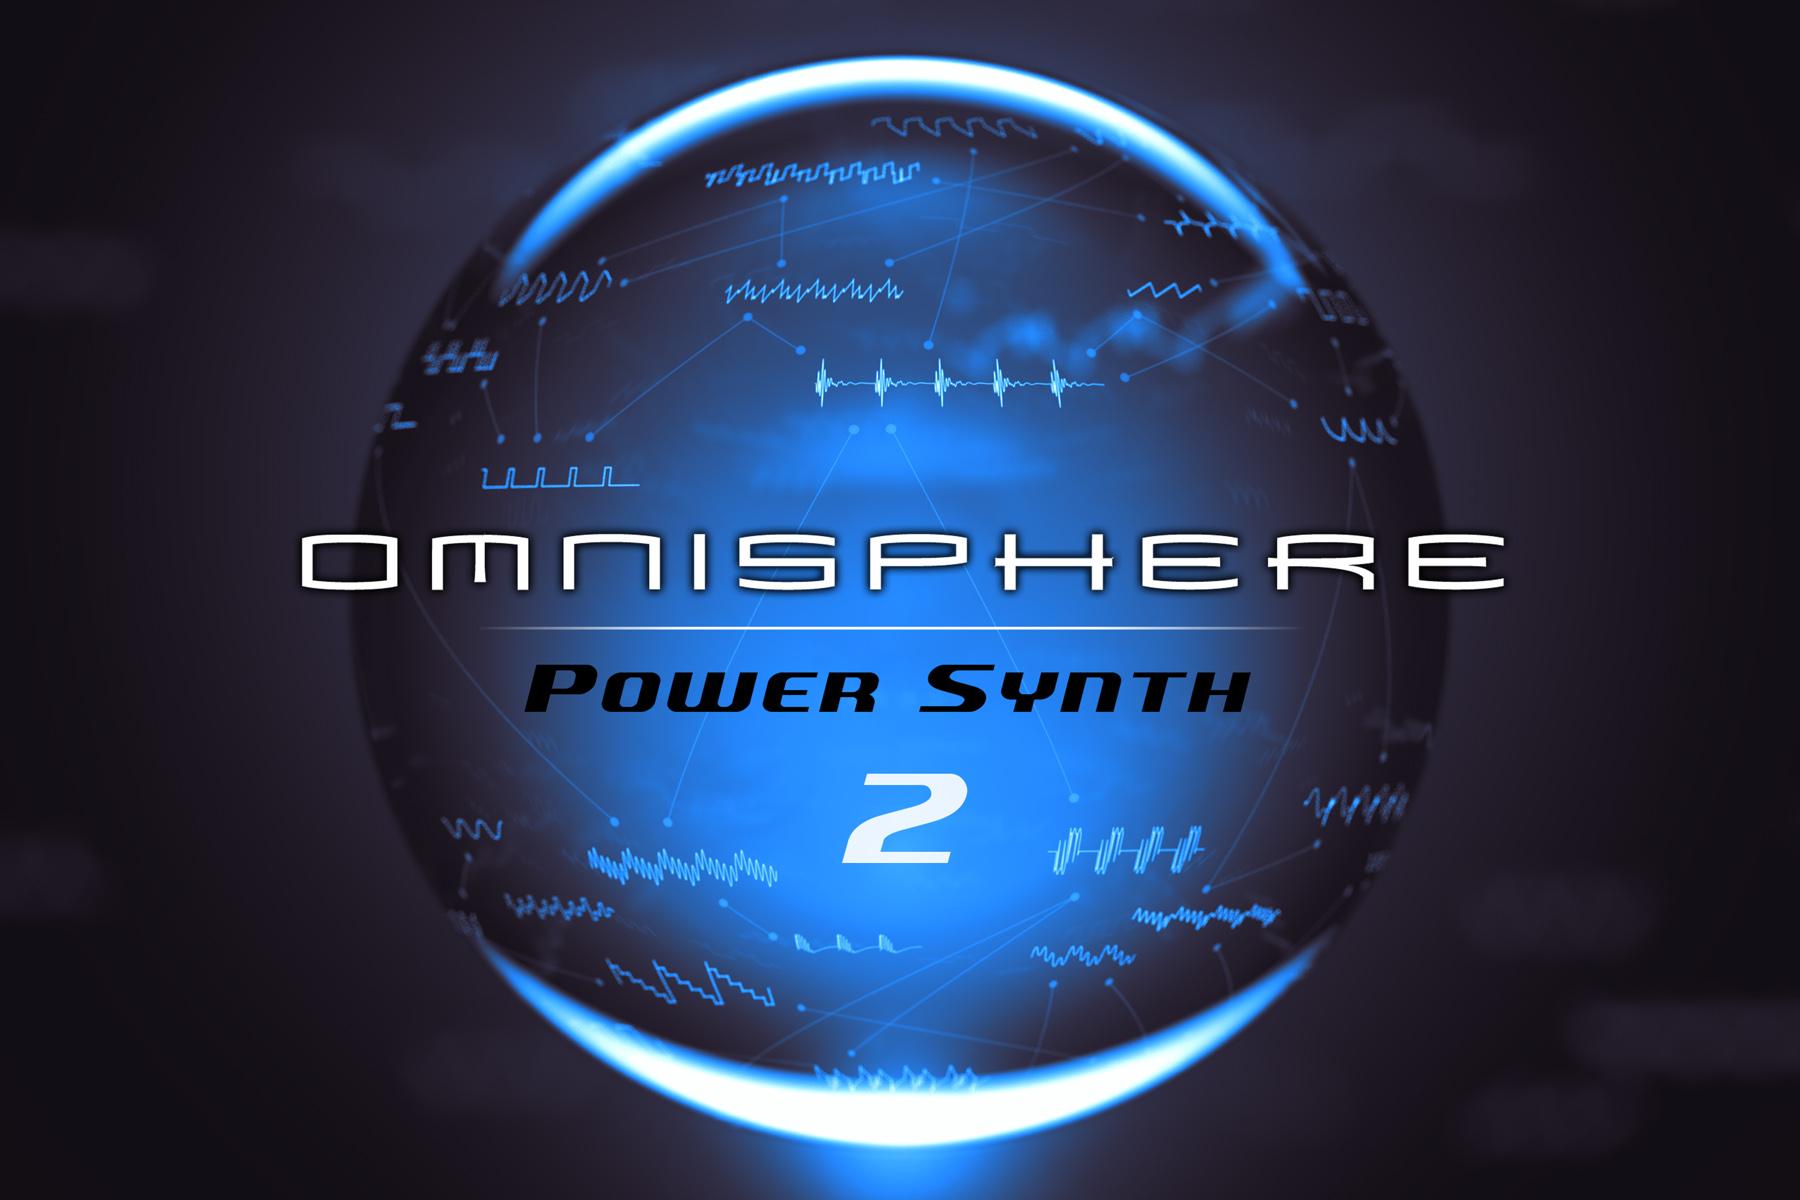 KVR: Spectrasonics announces Omnisphere 2